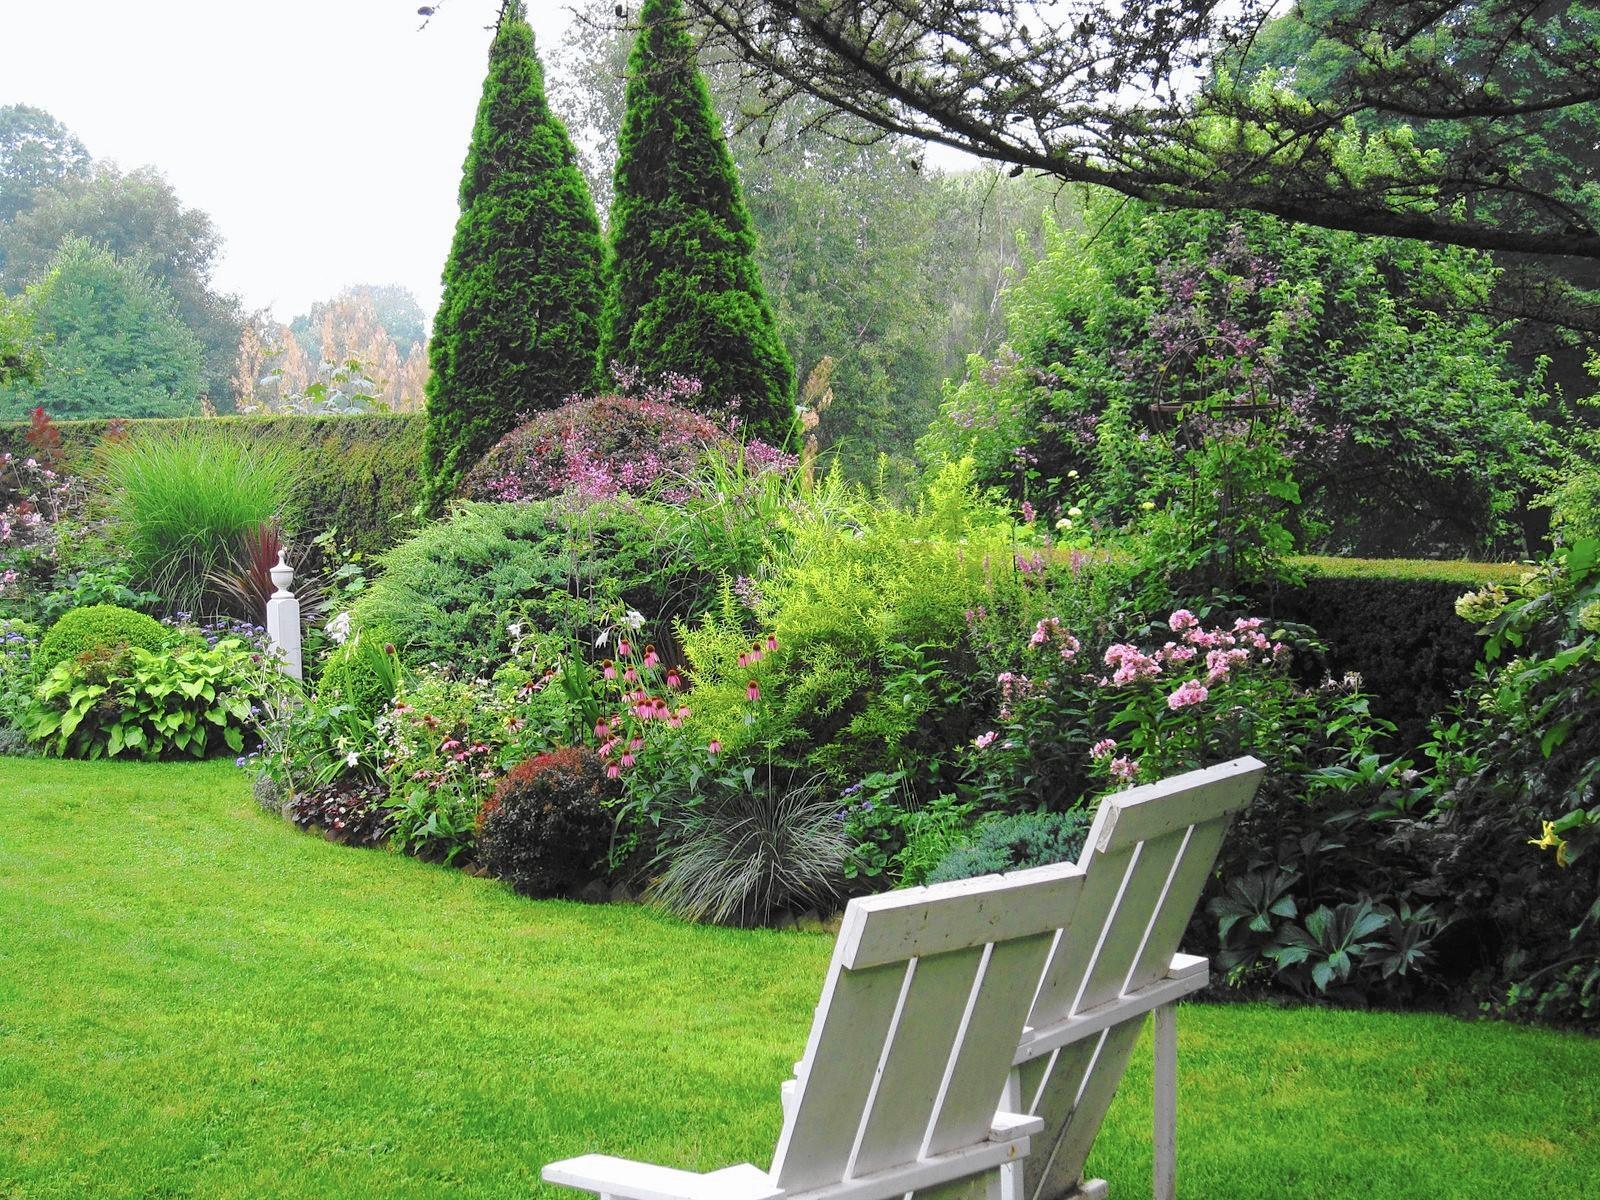 Garden Designer Lynden Miller Speaking At Elizabeth Park Conservancy Luncheon Hartford Courant